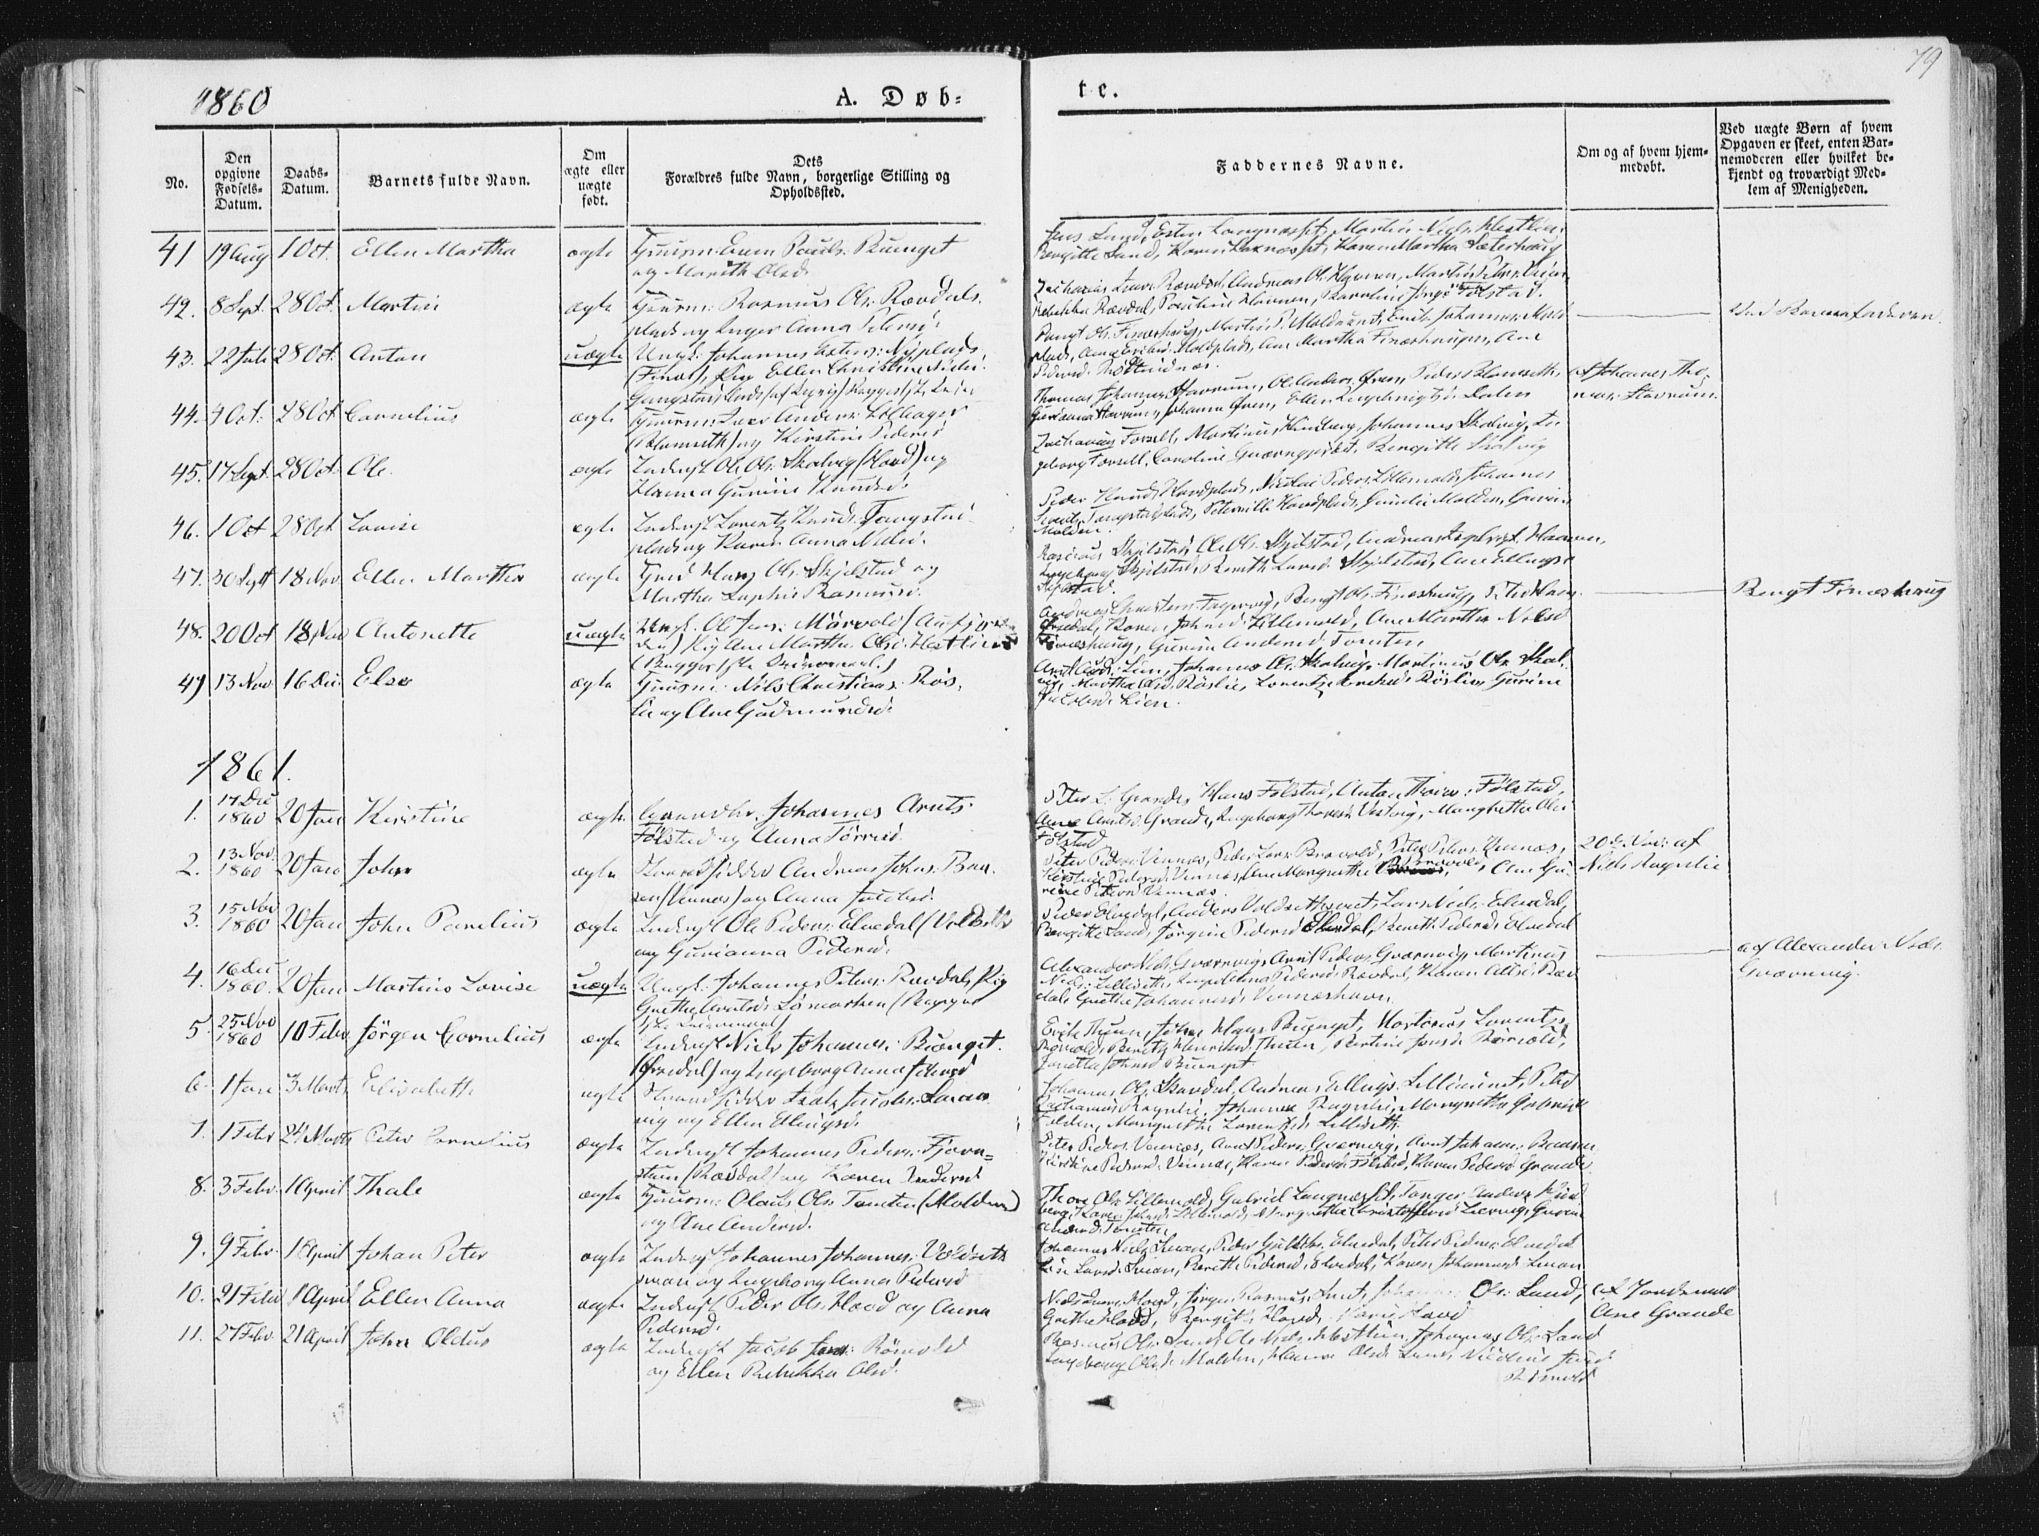 SAT, Ministerialprotokoller, klokkerbøker og fødselsregistre - Nord-Trøndelag, 744/L0418: Ministerialbok nr. 744A02, 1843-1866, s. 79